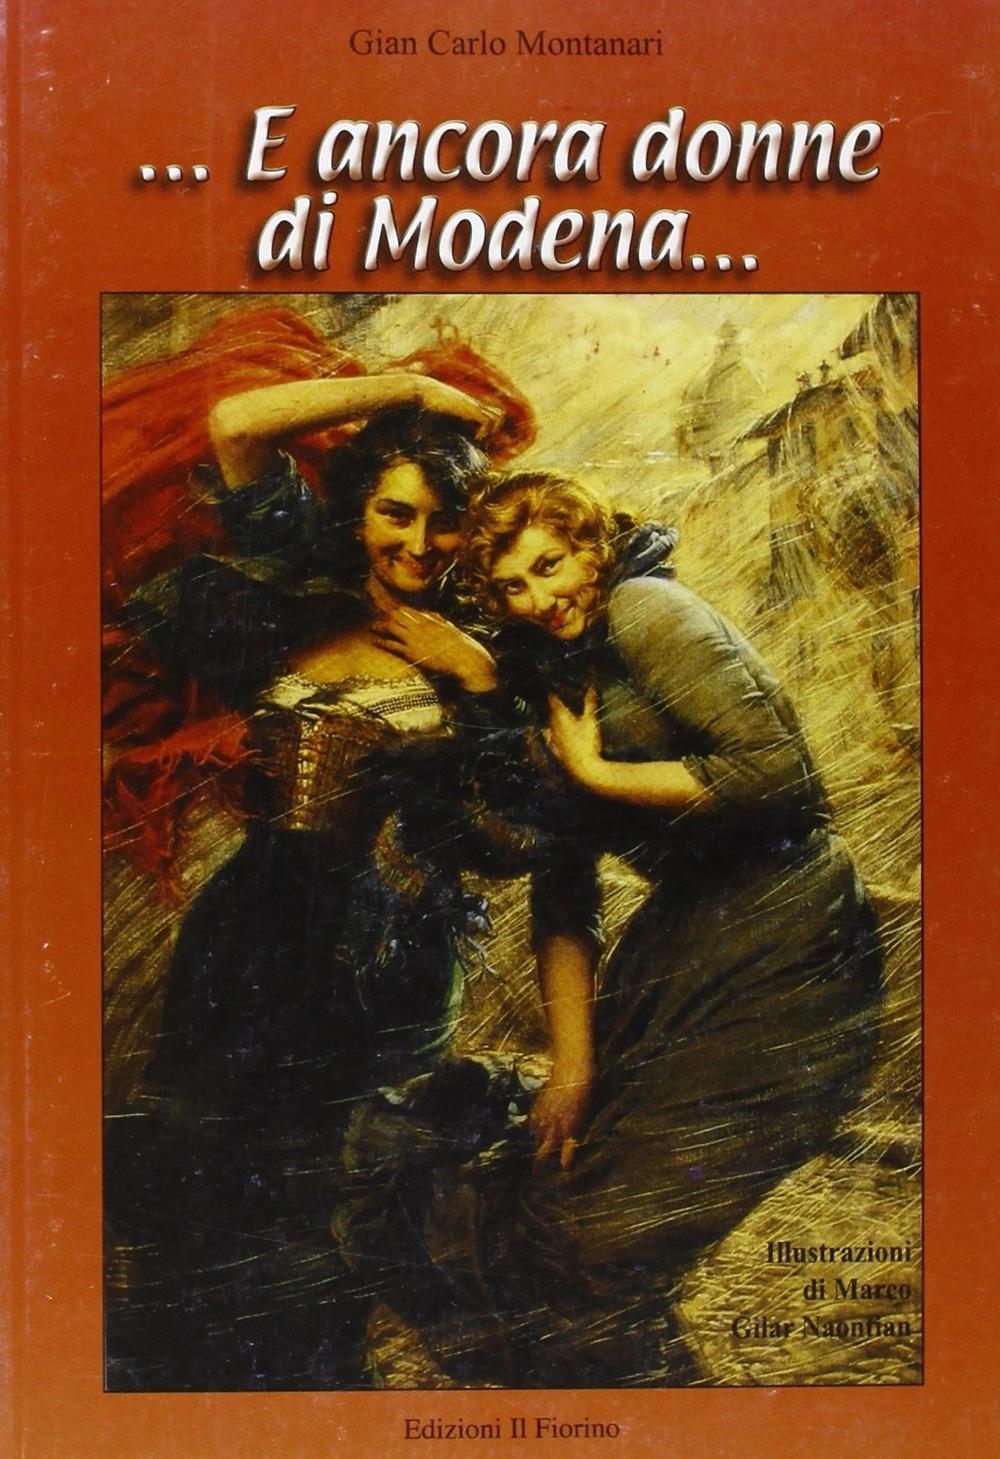 ... E ancora donne di Modena...